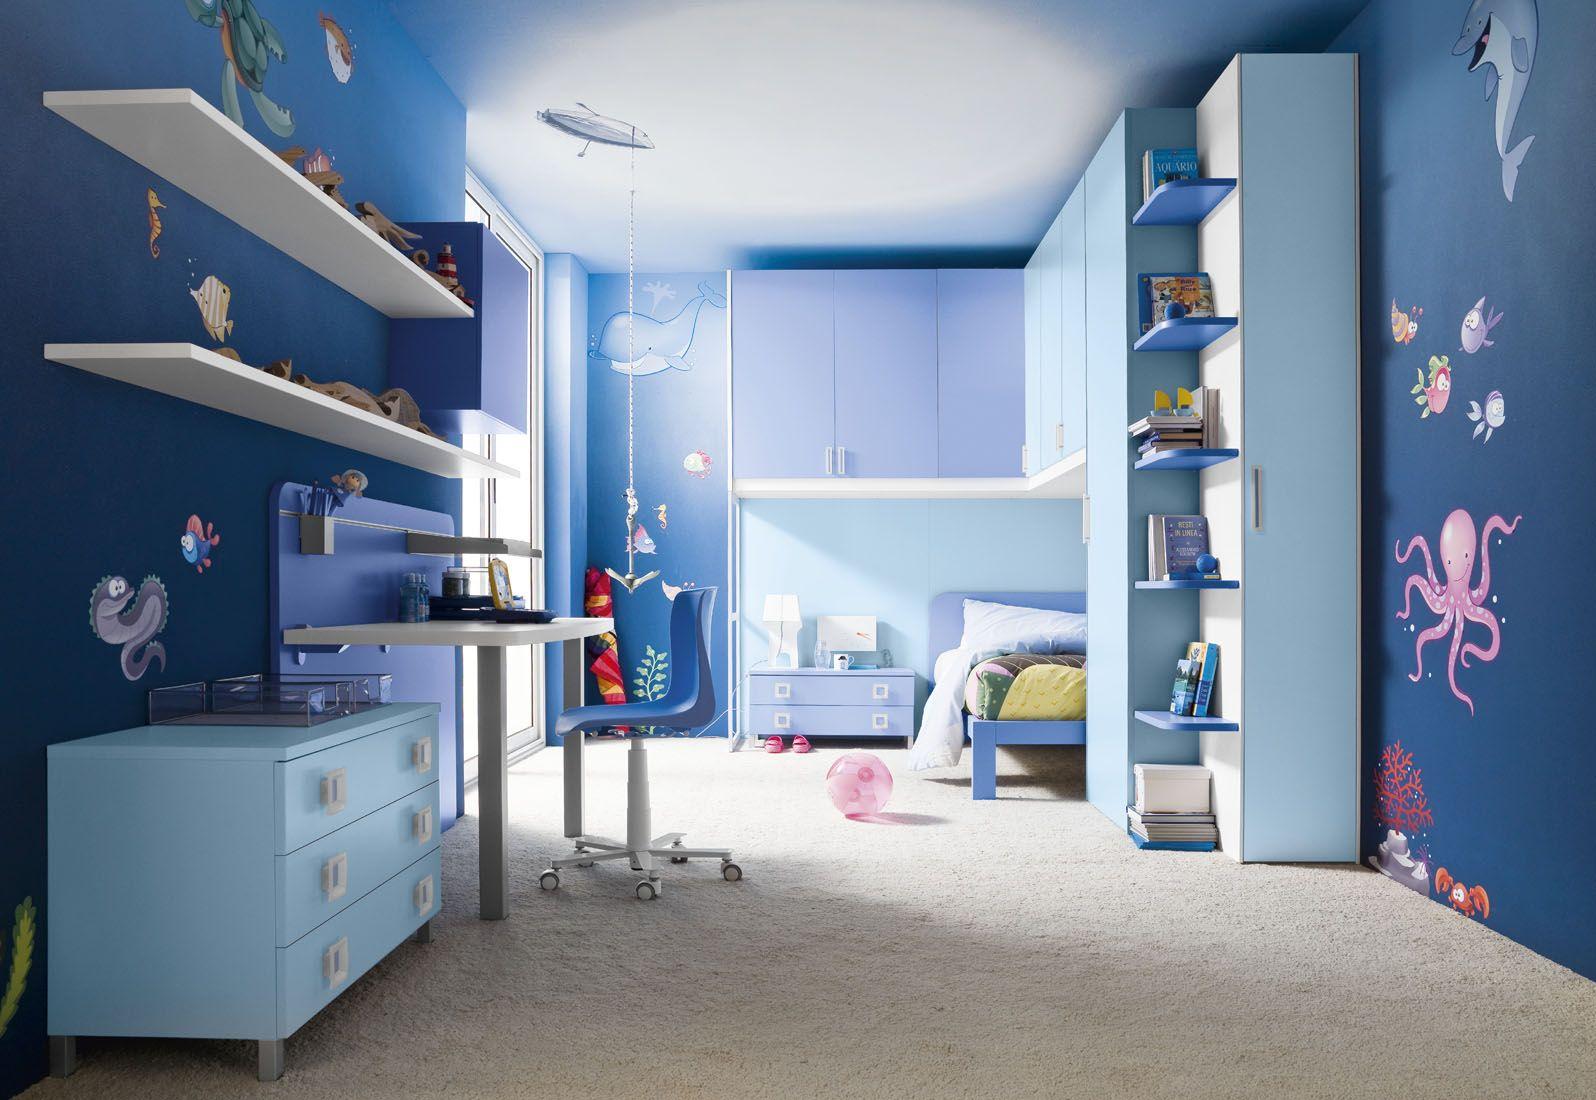 Blue Boys Room Kids Bedroom  Underwater Fresco Ideas For Blue Boys Room Decor